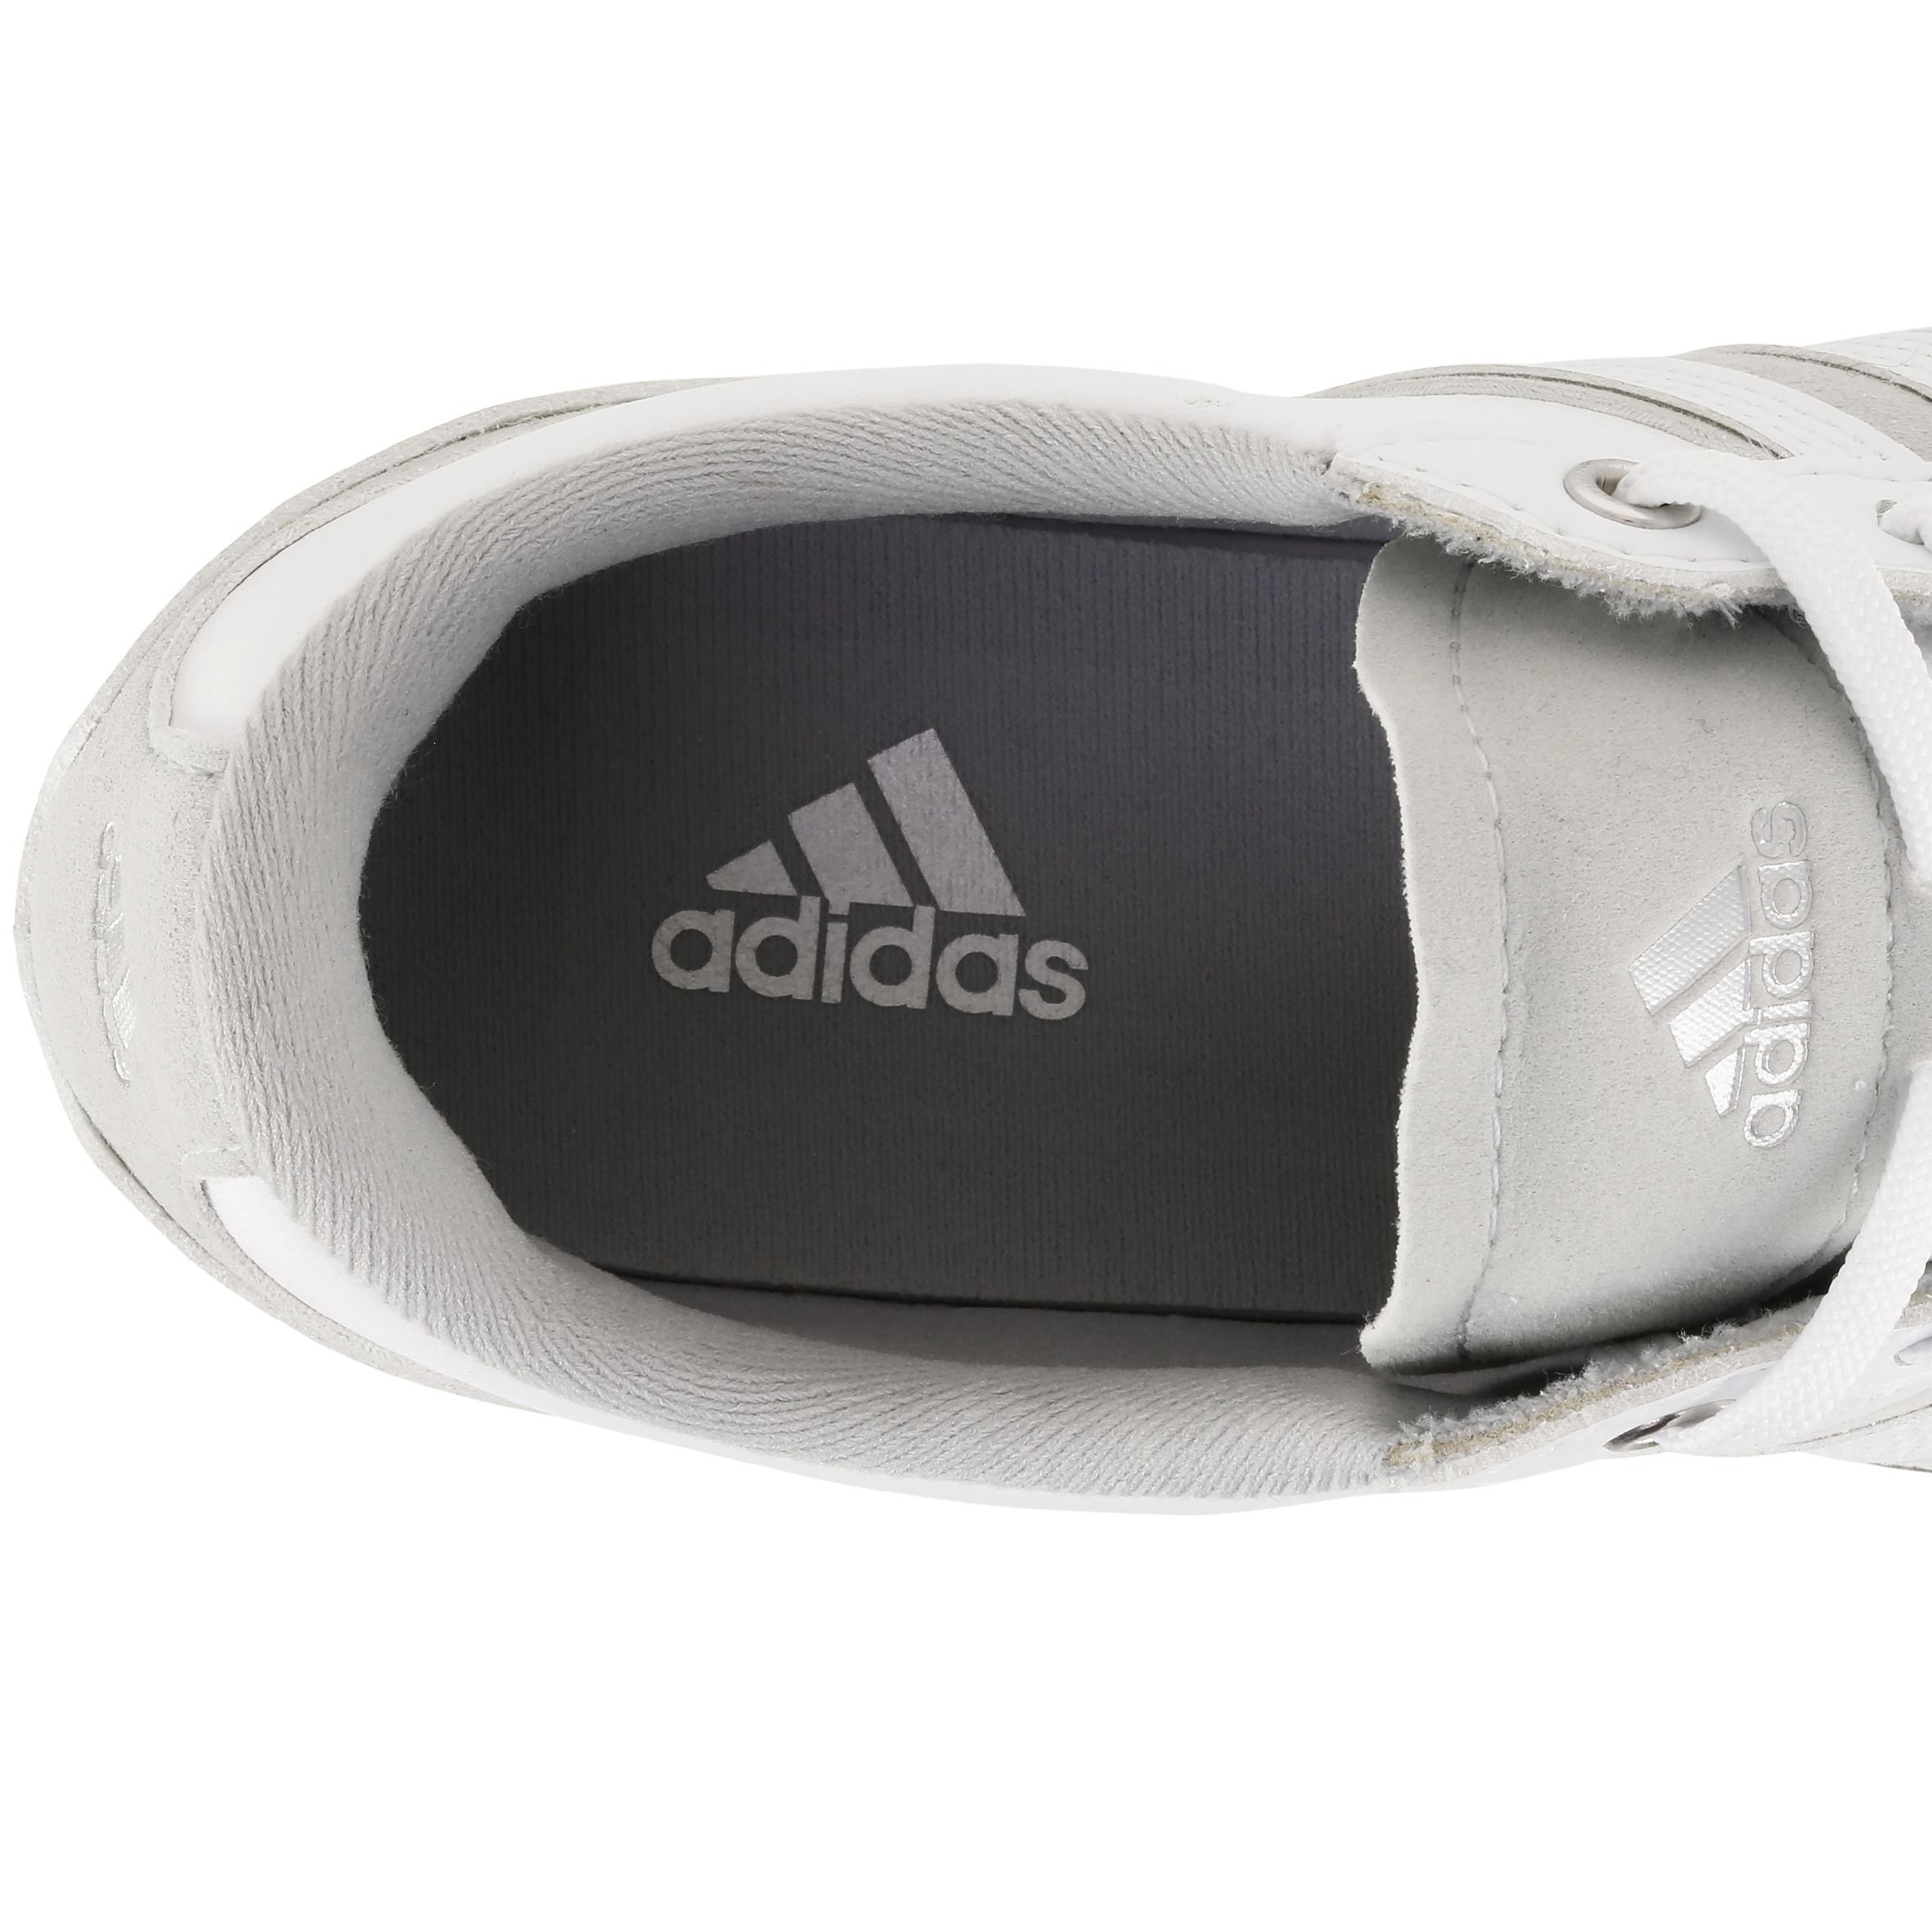 Golfschoenen Adicross voor dames wit